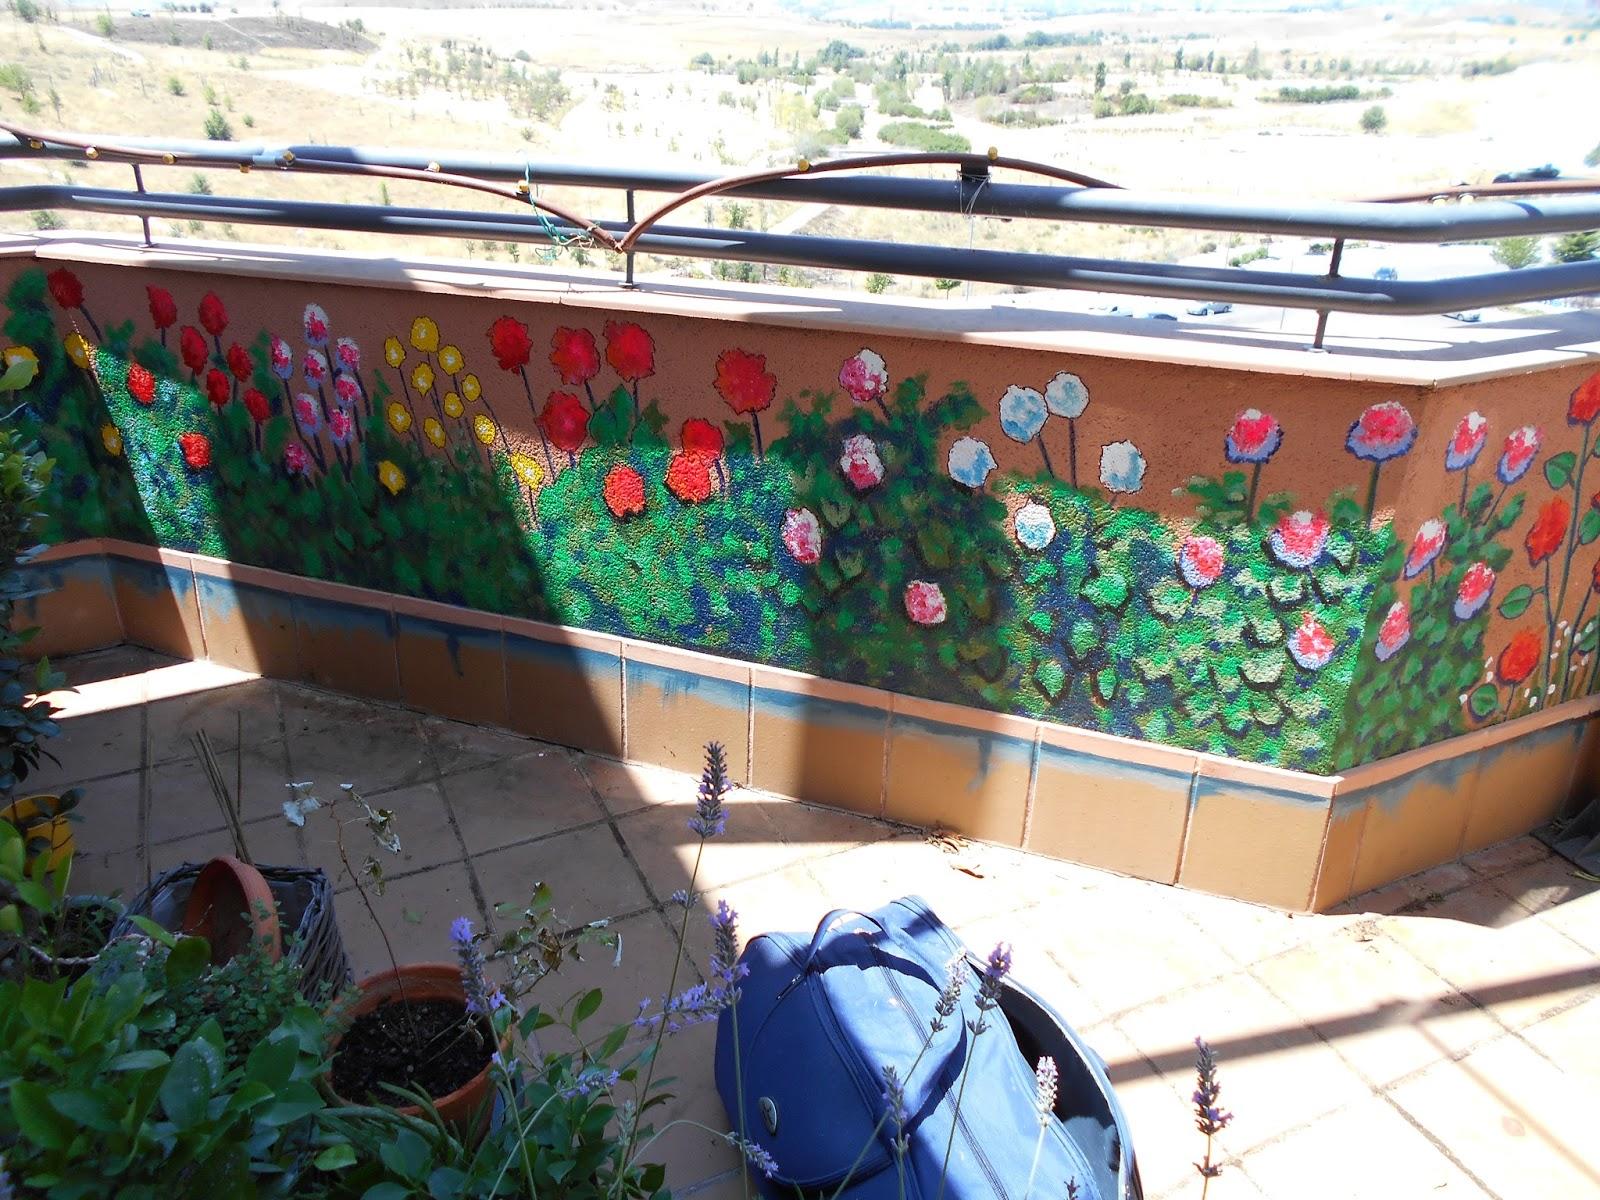 109 pintura mural en terraza dibujando arte for Como pintar un mural en la pared exterior